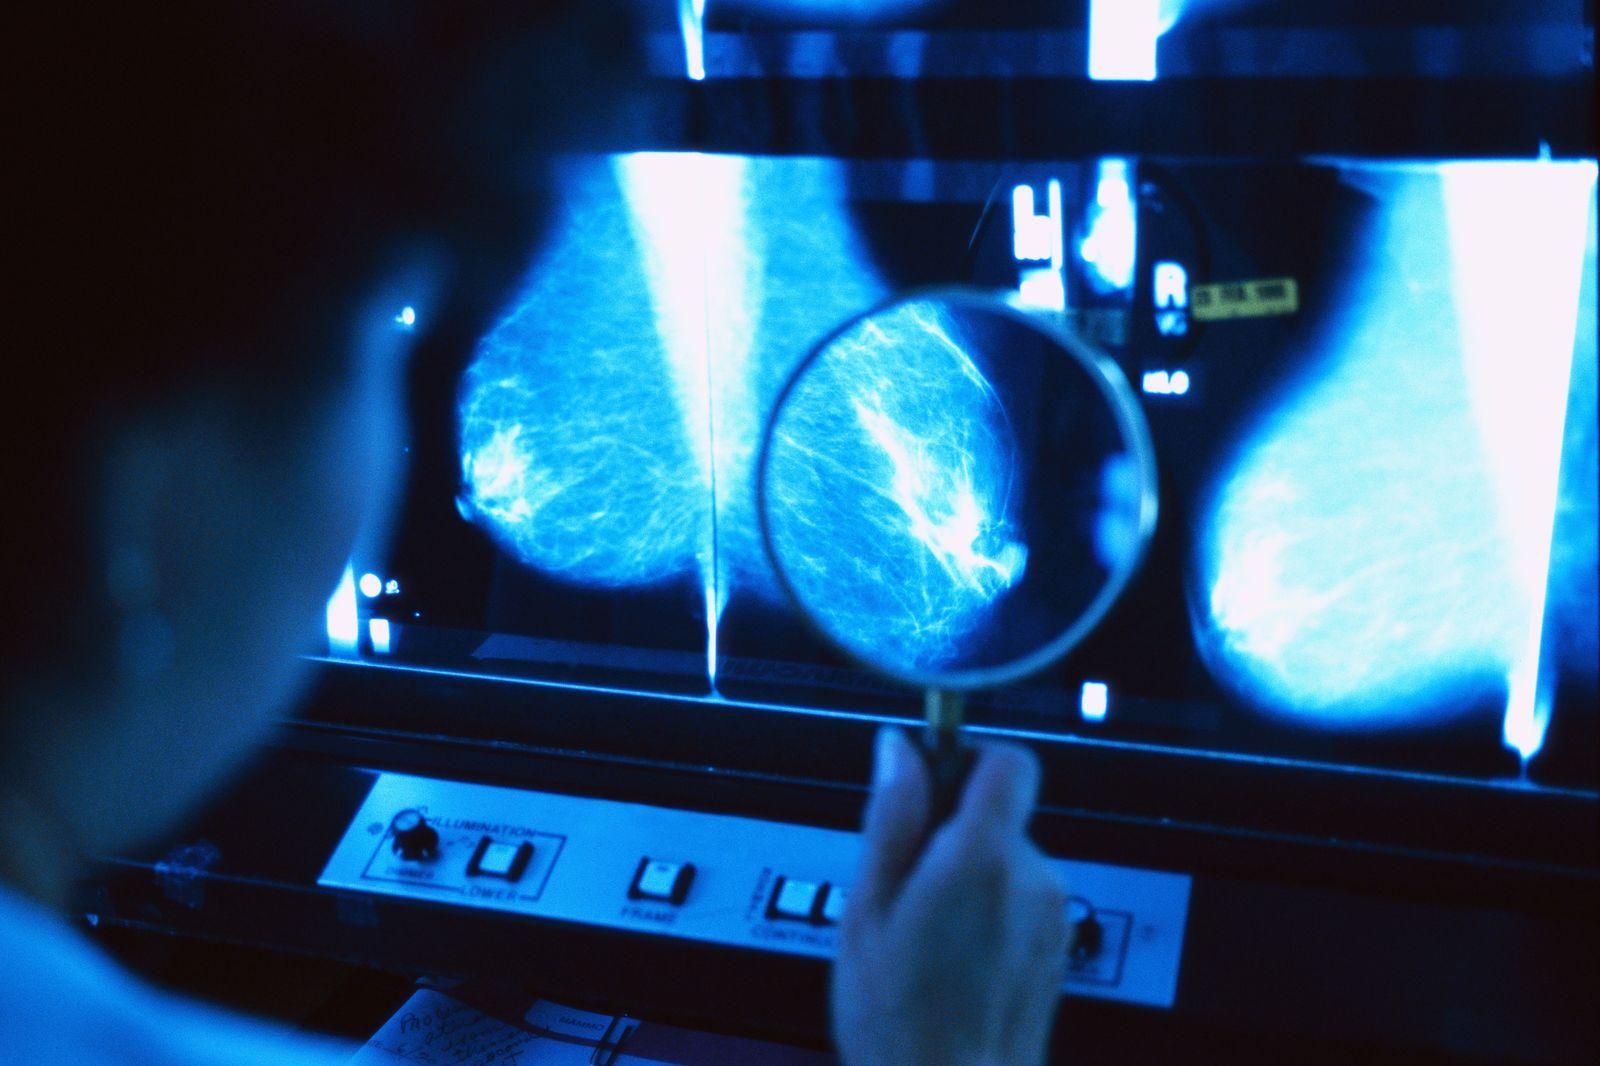 NICHT MEHR VERWENDEN! - Mammographie